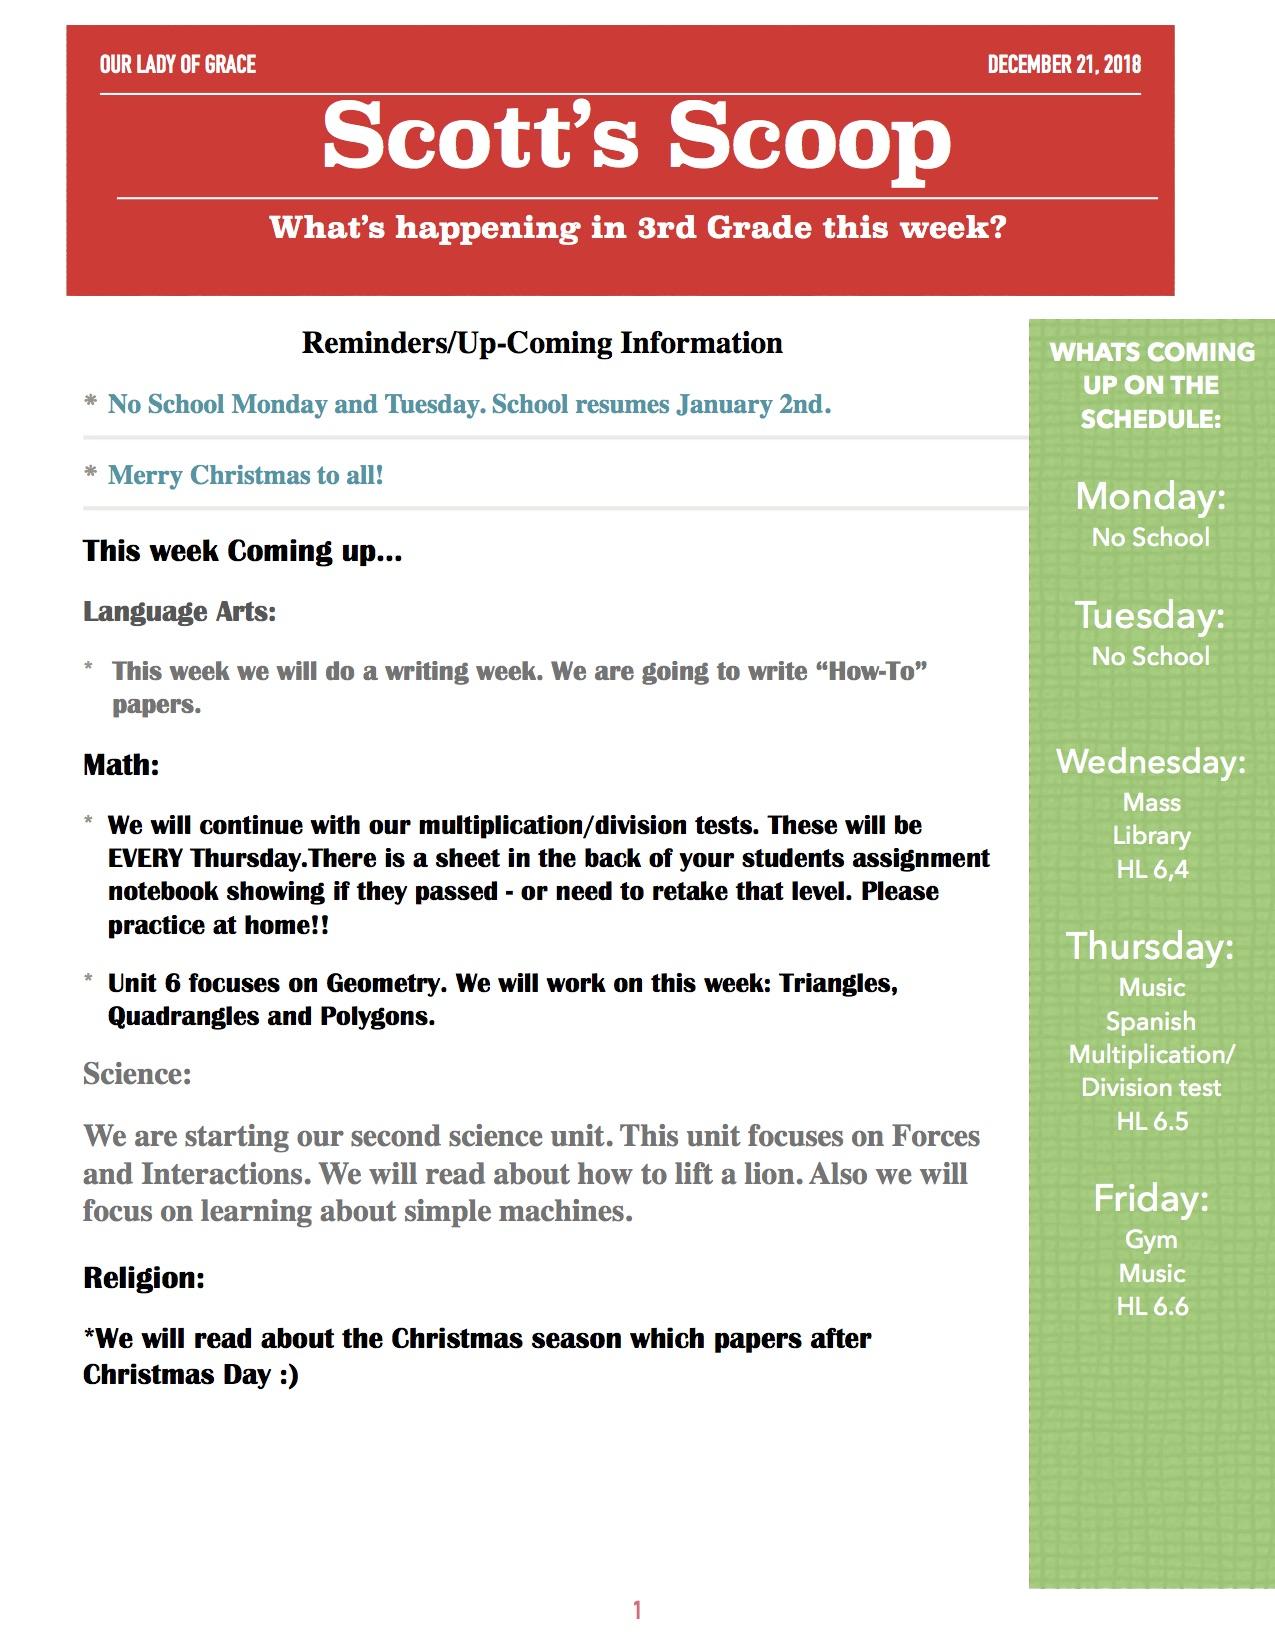 Newsletter 12.21.18.jpg